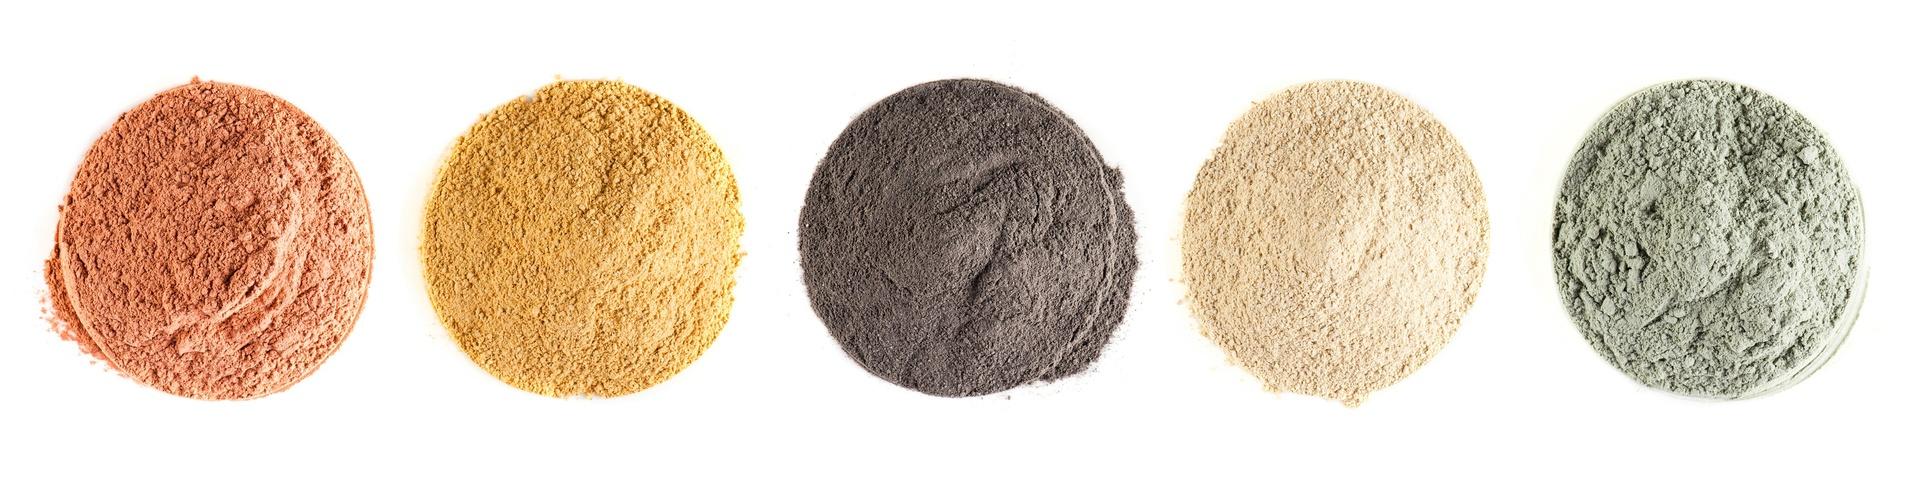 Tipos e cores de argila